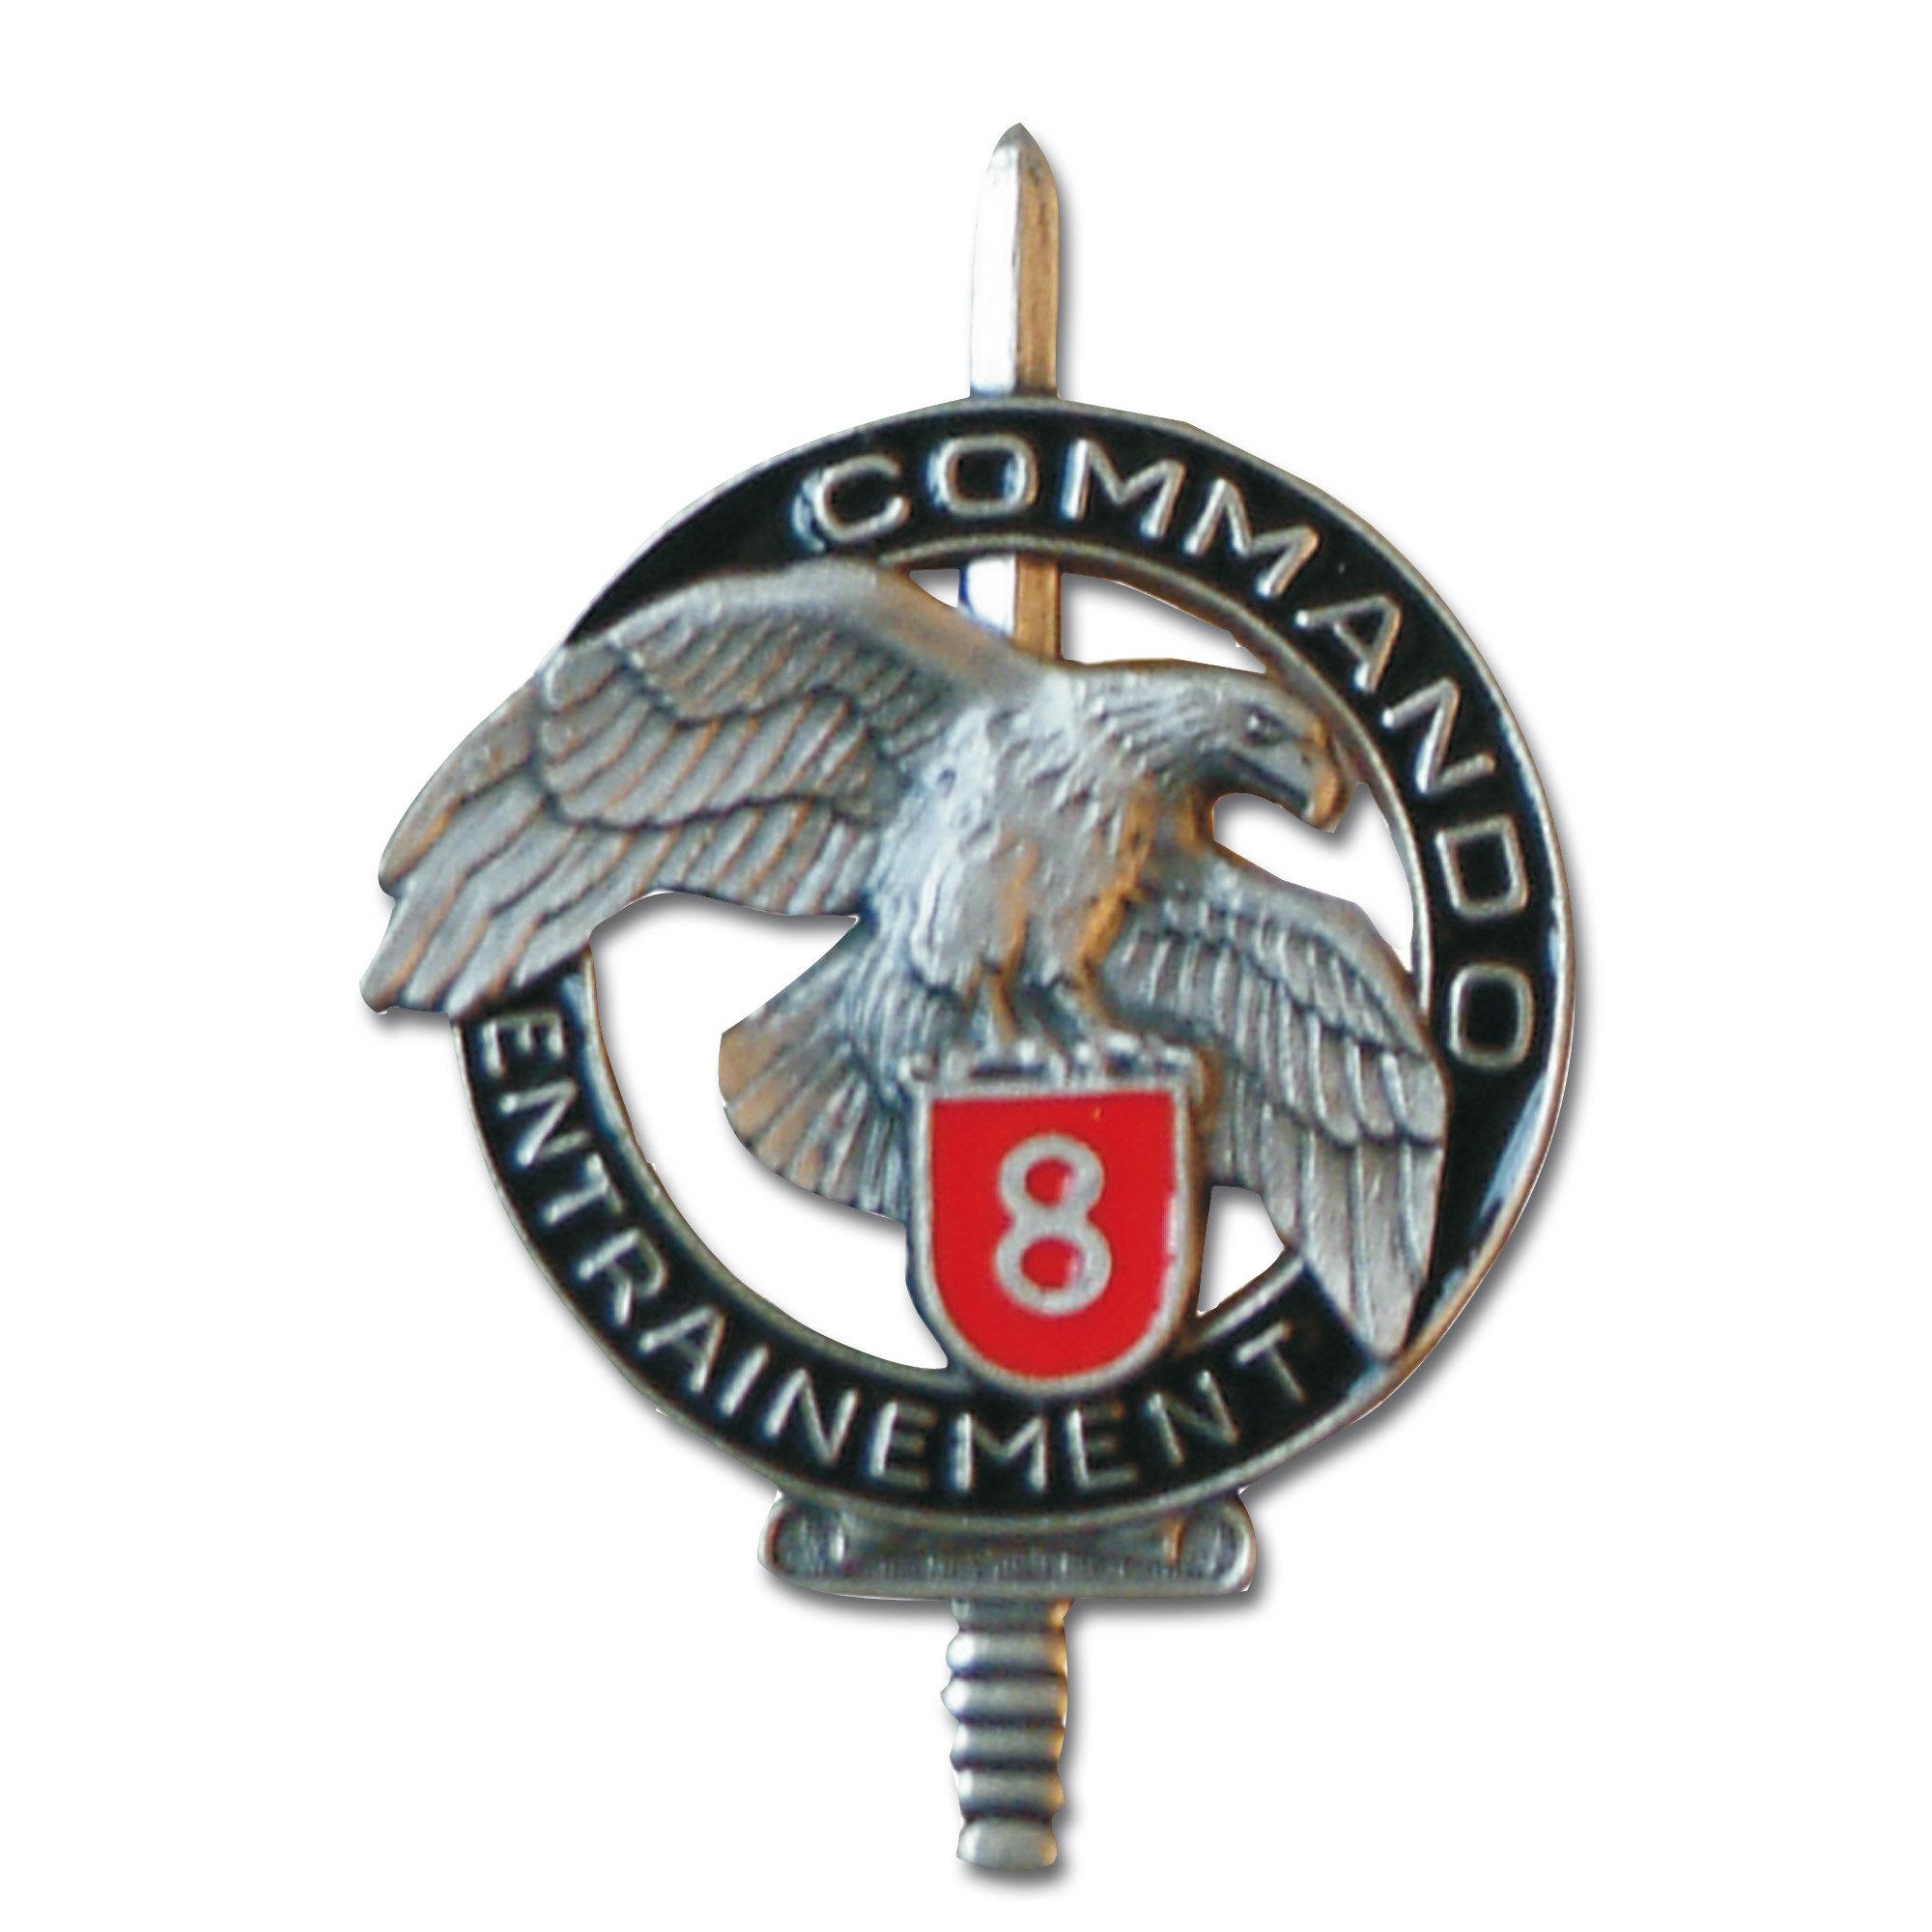 French Insignia Commando CEC 8